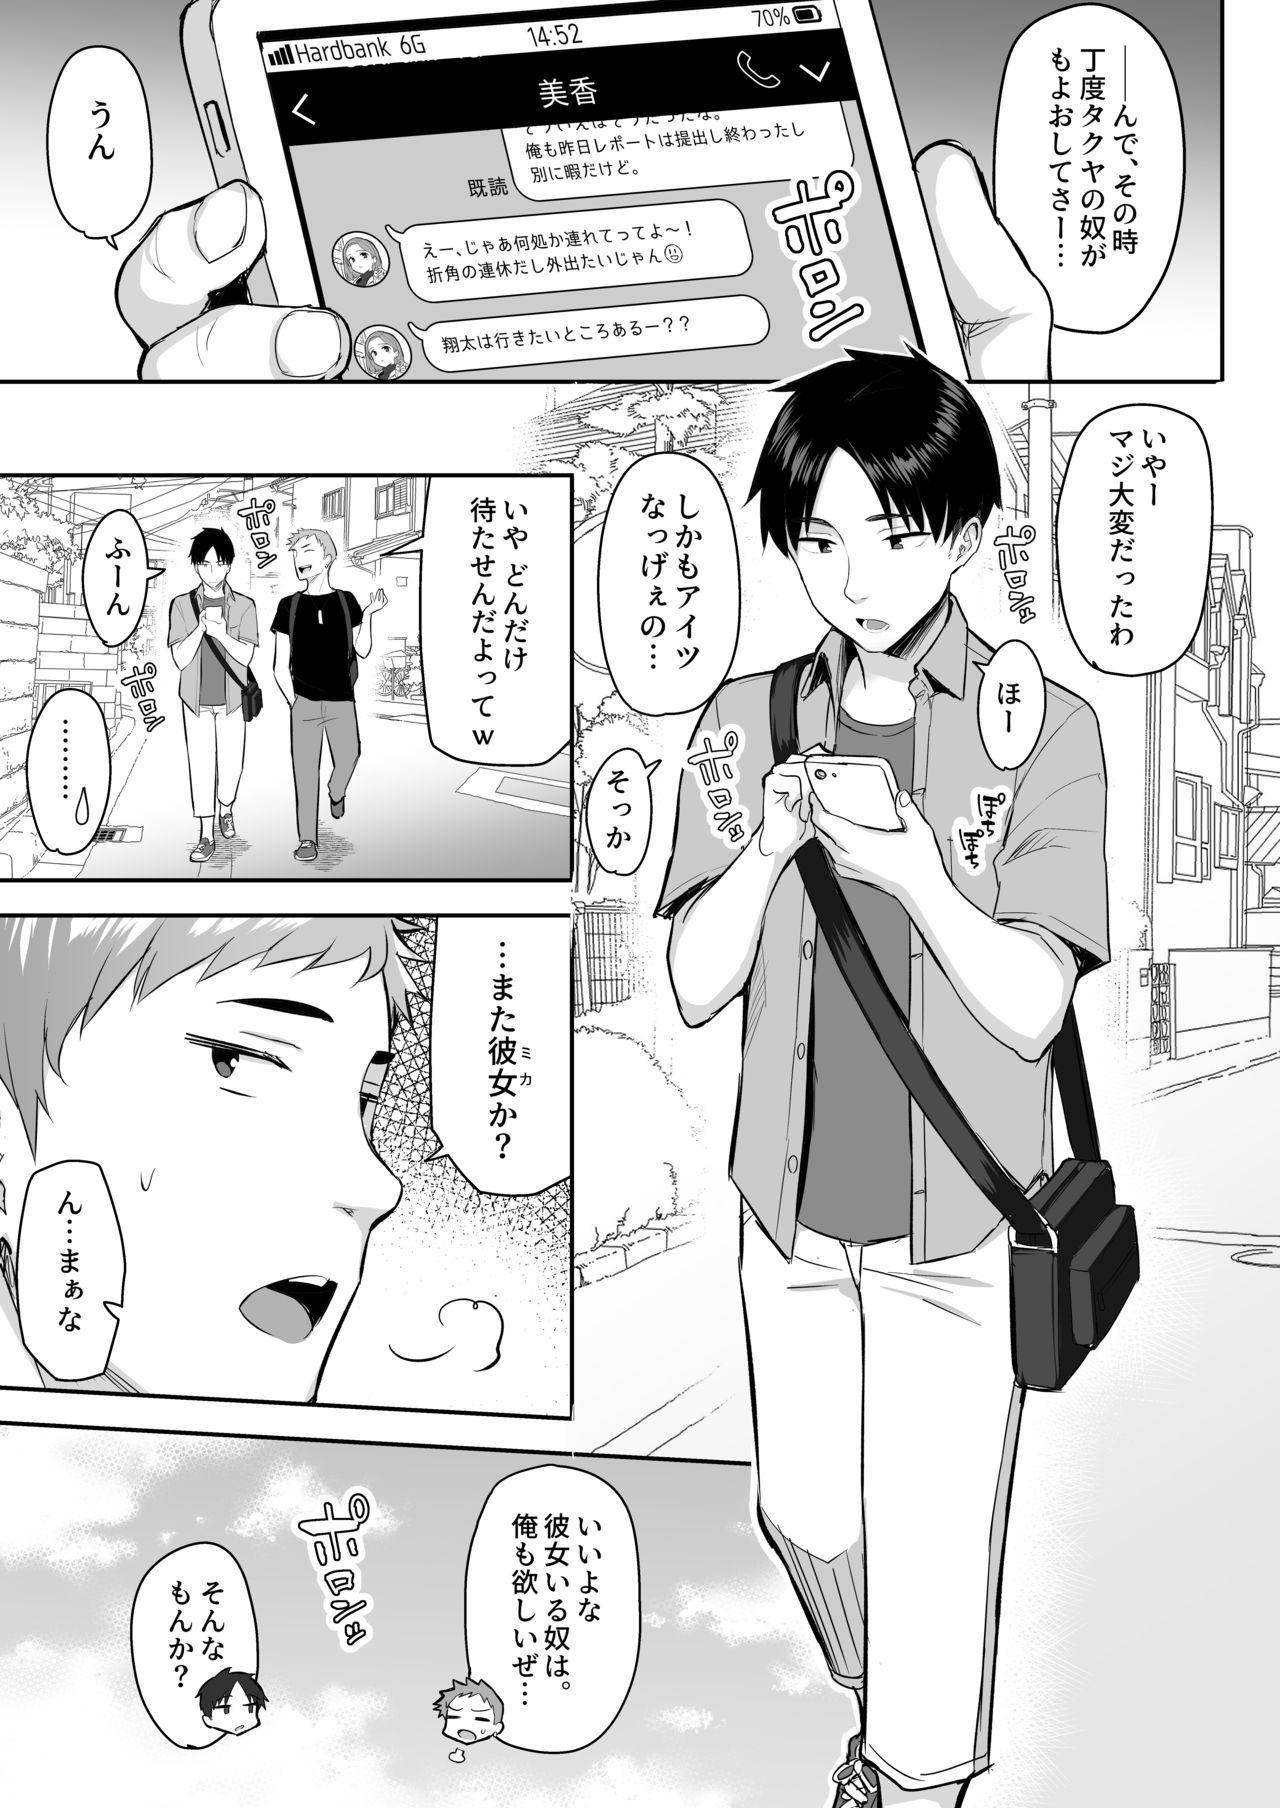 Moto InCha no Kyonyuu Yariman Imouto ga Erosugite, Onii-chan wa Mou...!! 1